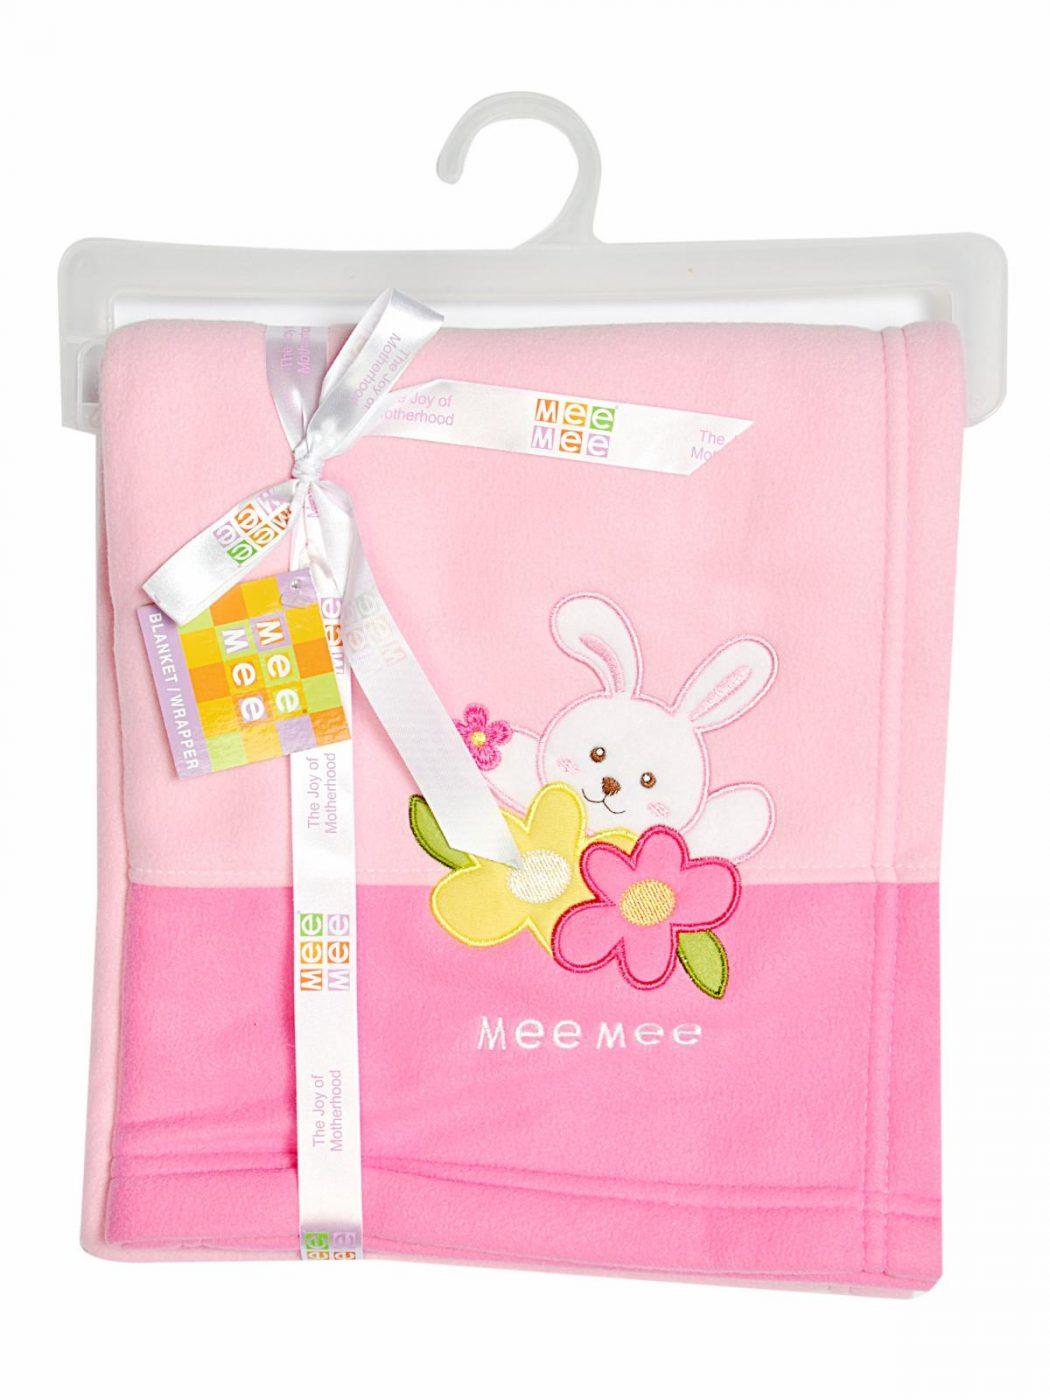 mee-mee-baby-blanket Best 25 Baby Shower Gifts